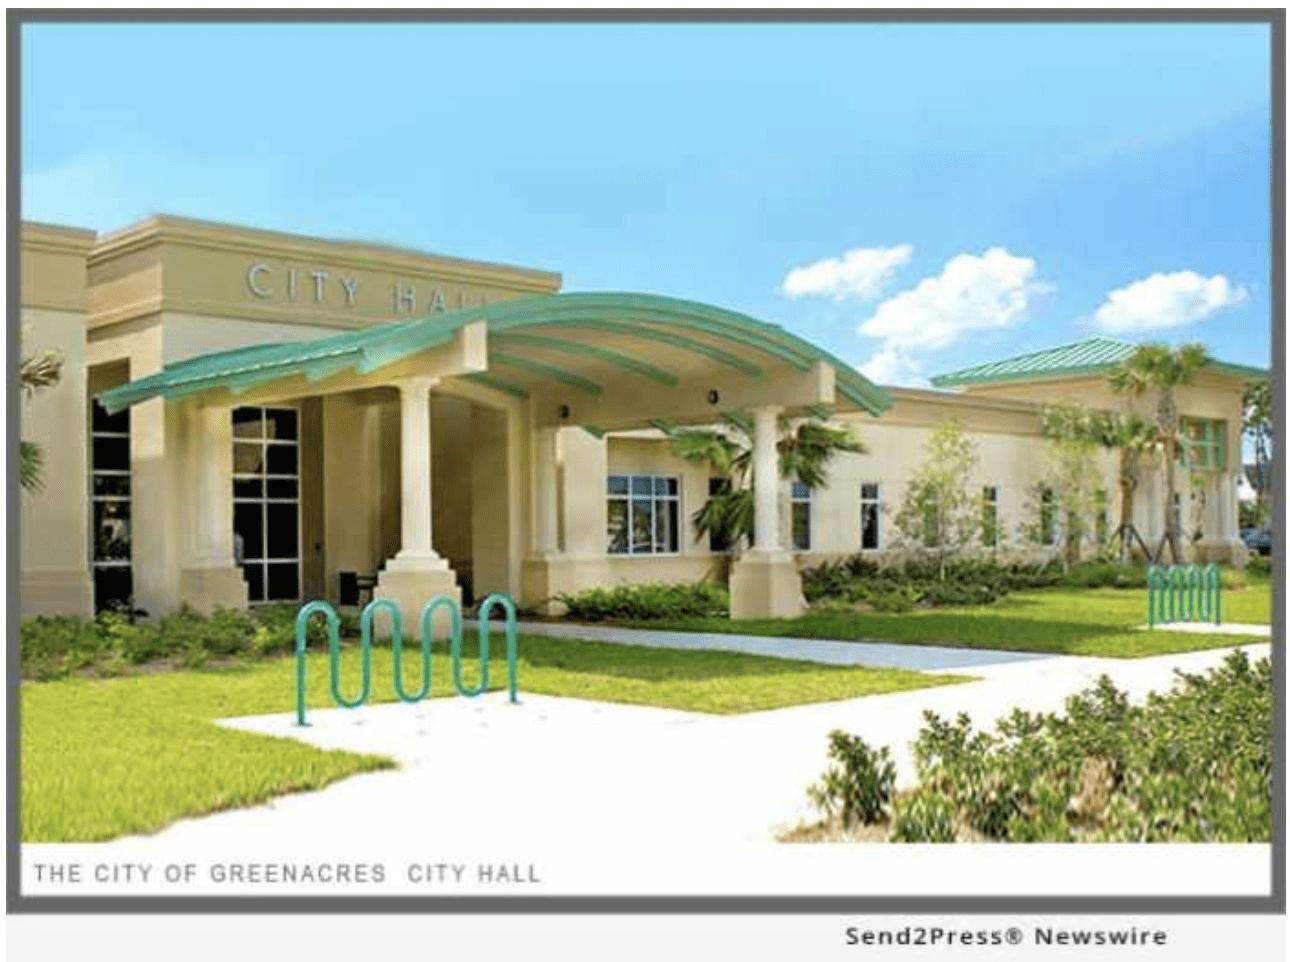 City of Greenacres Florida Accepts RMA's Vision and Strategic Plan